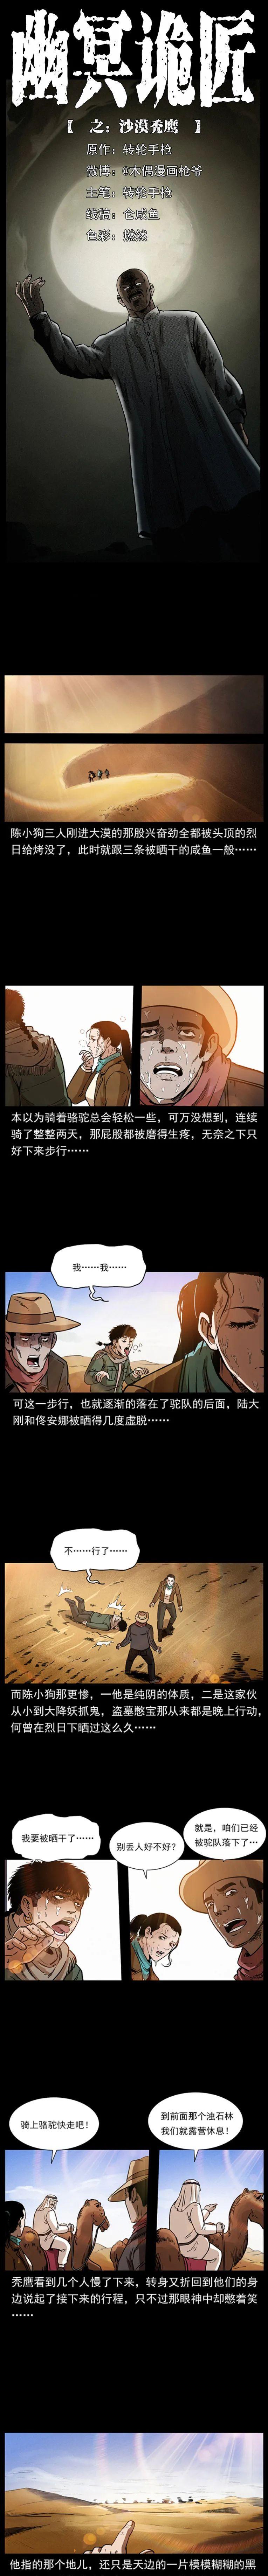 僵尸王漫画:幽冥诡匠之沙漠秃鹰